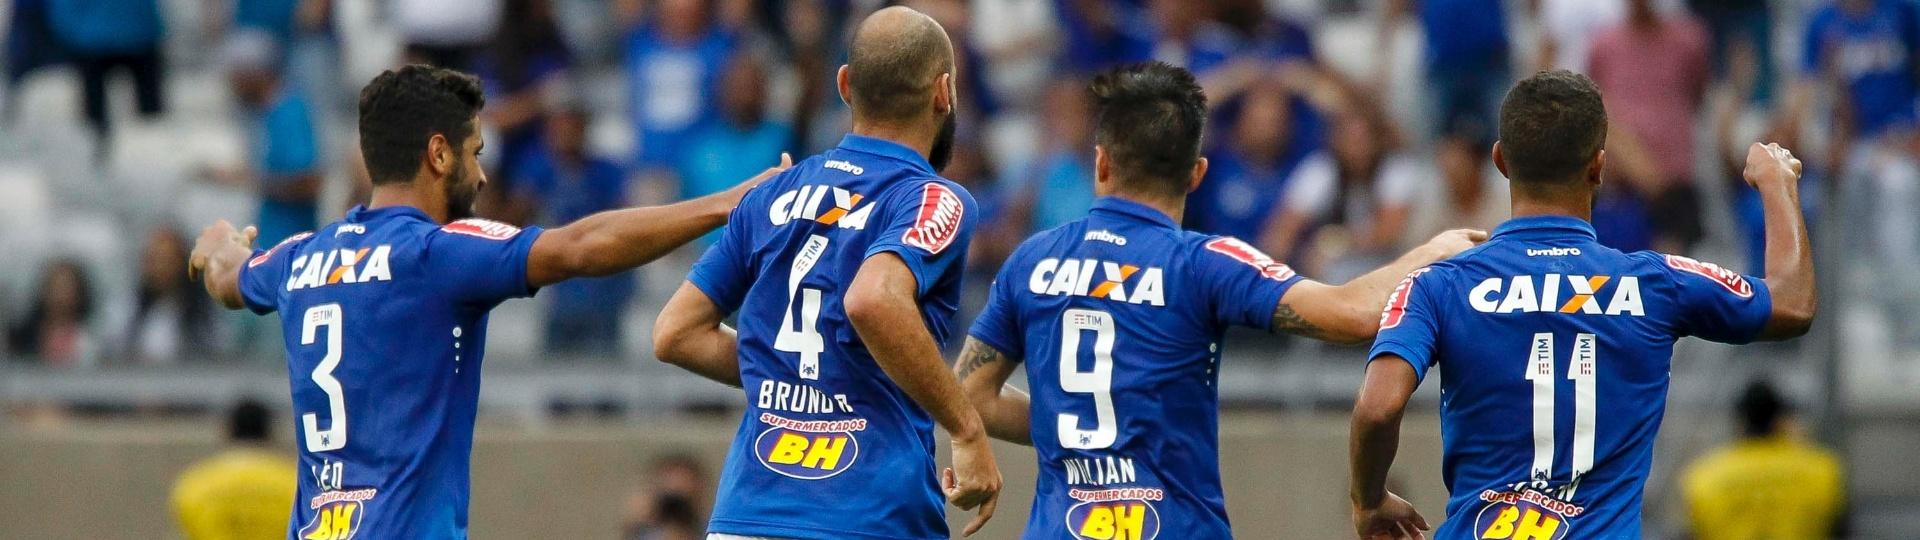 Jogadores do Cruzeiro comemoram gol diante do Fluminense